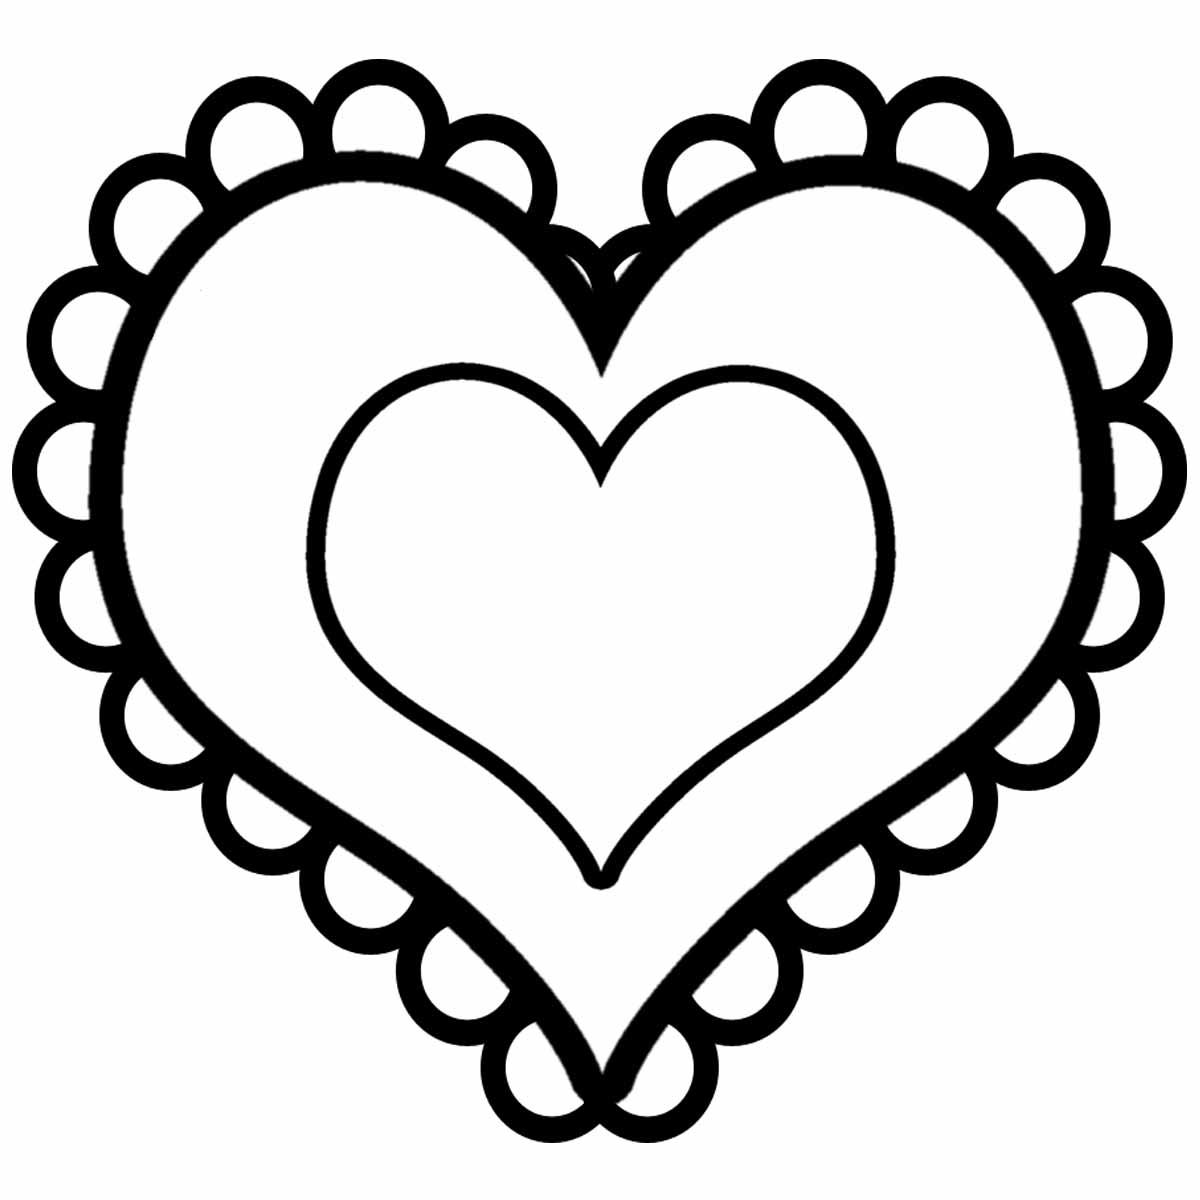 50 buc tranh to mau hinh trai tim dep nhat danh tang cho be 21 - 50+ bức tranh tô màu hình trái tim đẹp nhất dành tặng cho bé